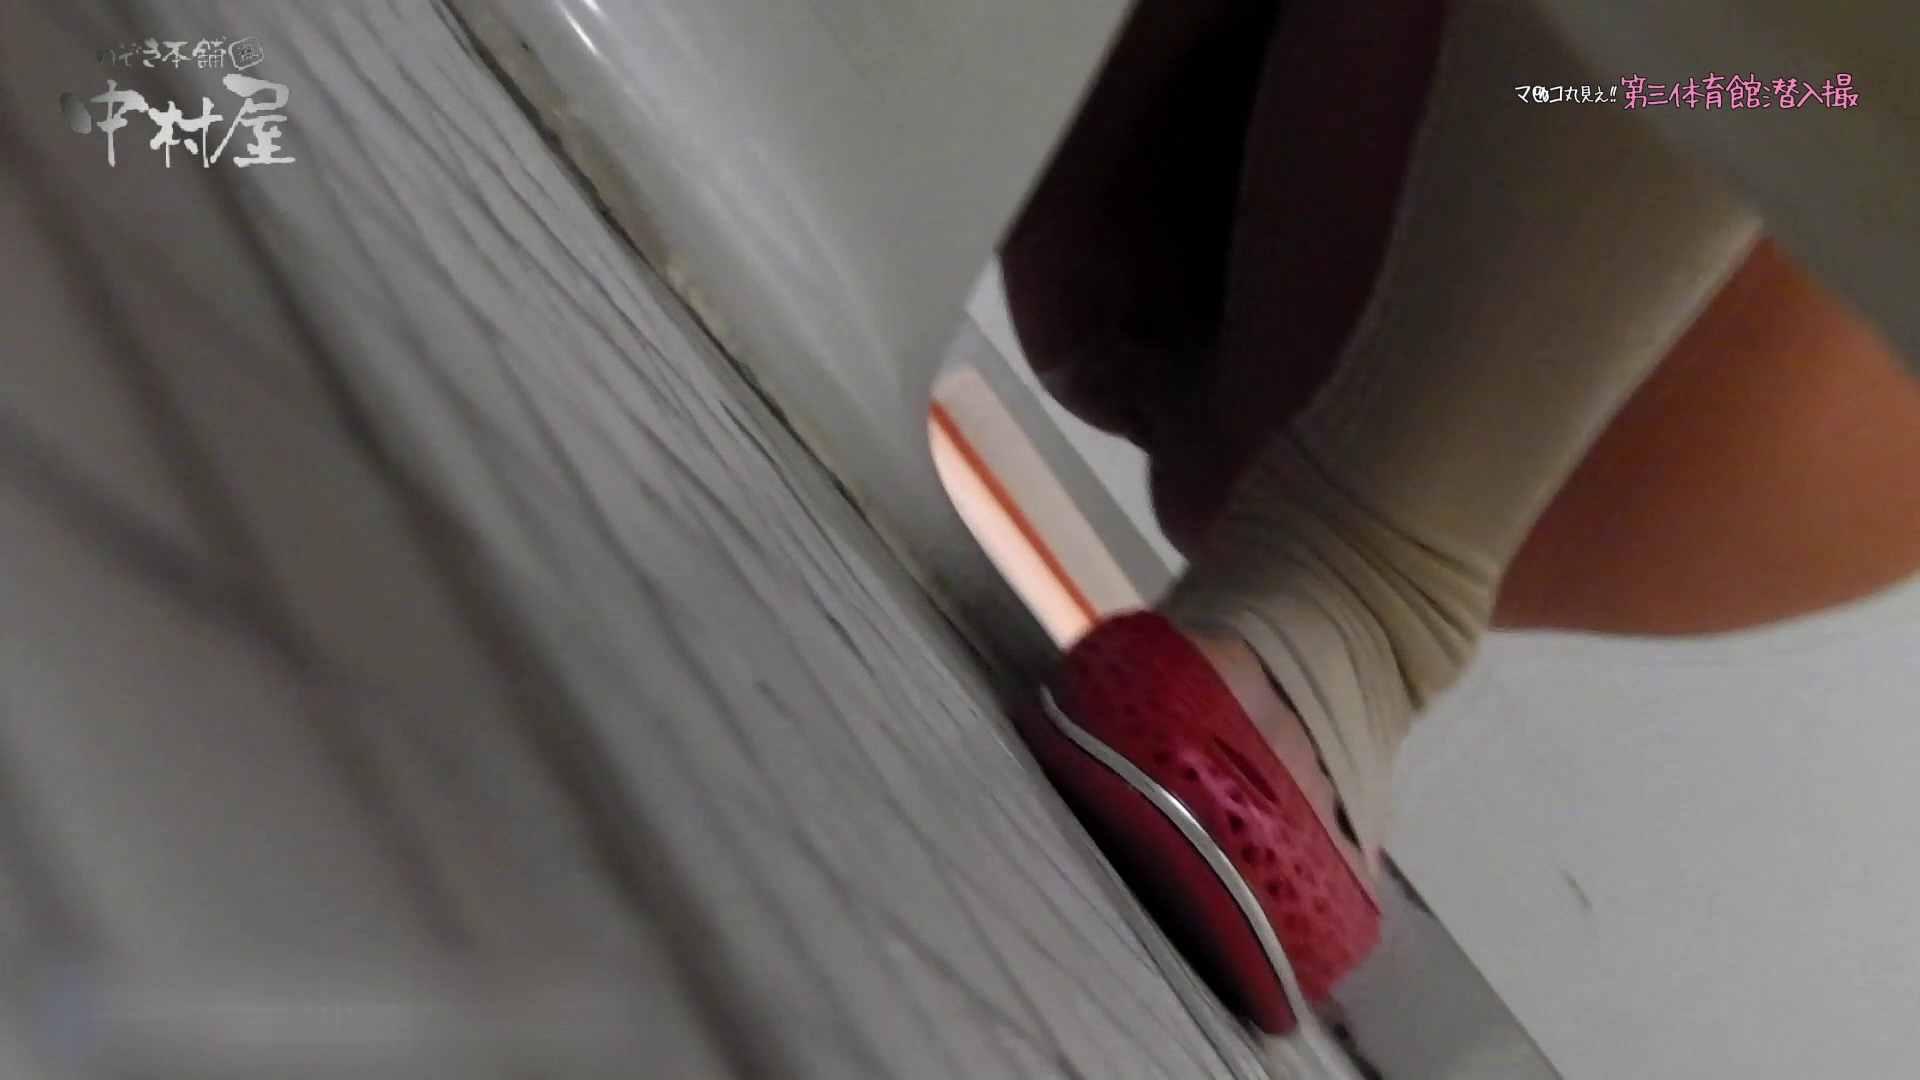 第三体育館File044長身のバレー部員が目の前の個室に入ってくれました。後編 丸見え われめAV動画紹介 73連発 44